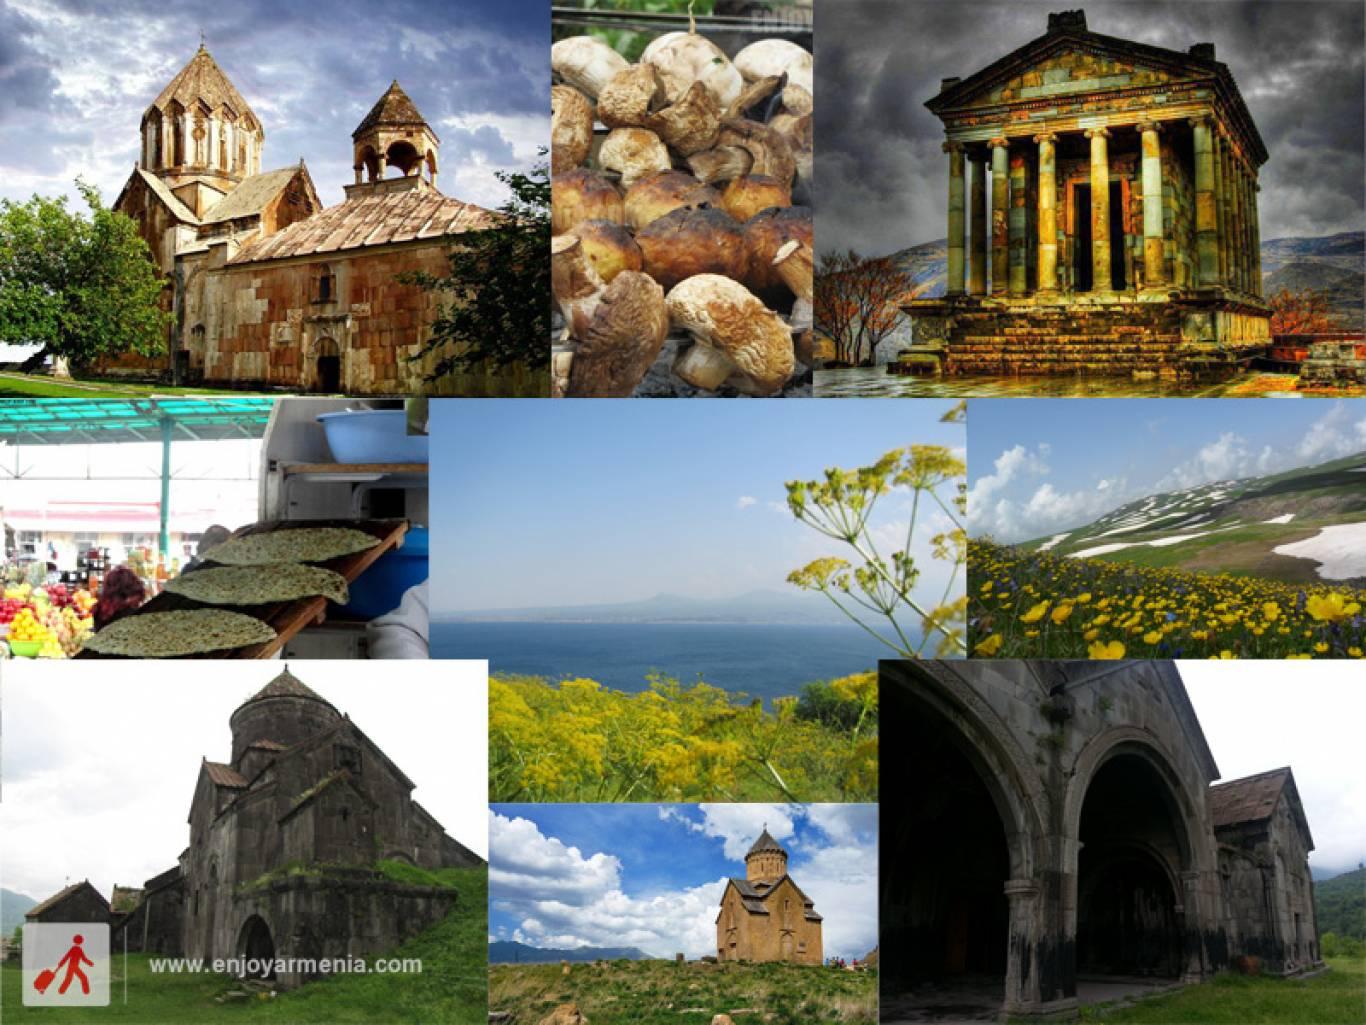 В Армения на минутку - путешествие